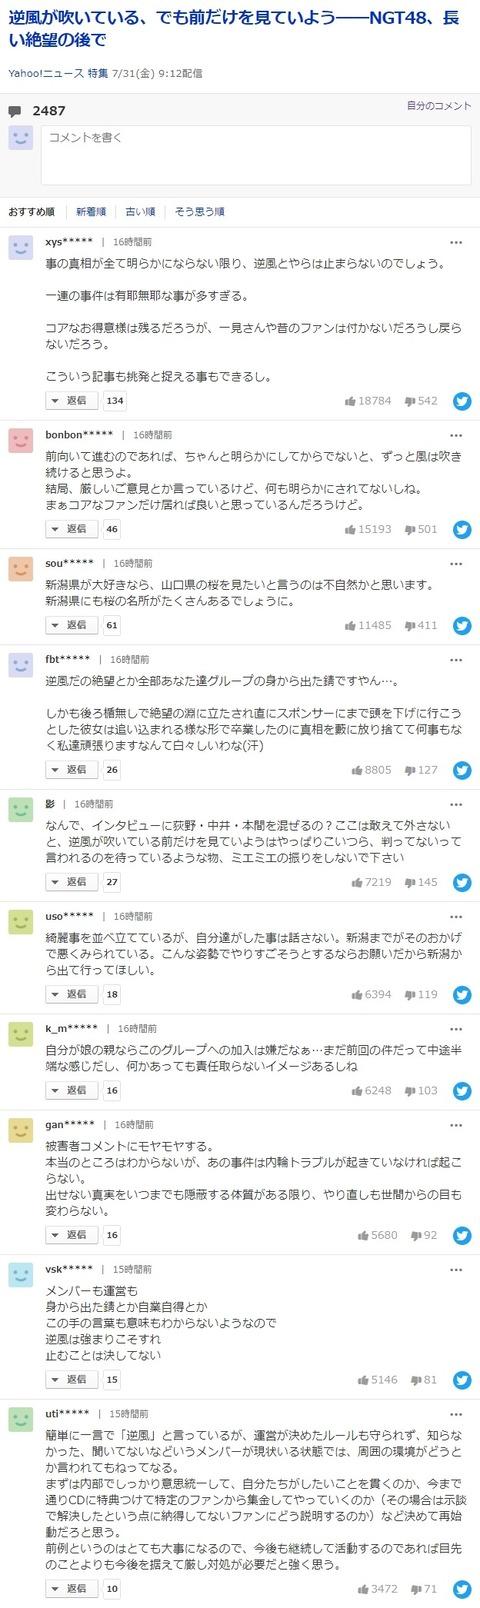 【フルボッコ】Yahooニュース「NGT48、長い絶望の後で」wwwwww